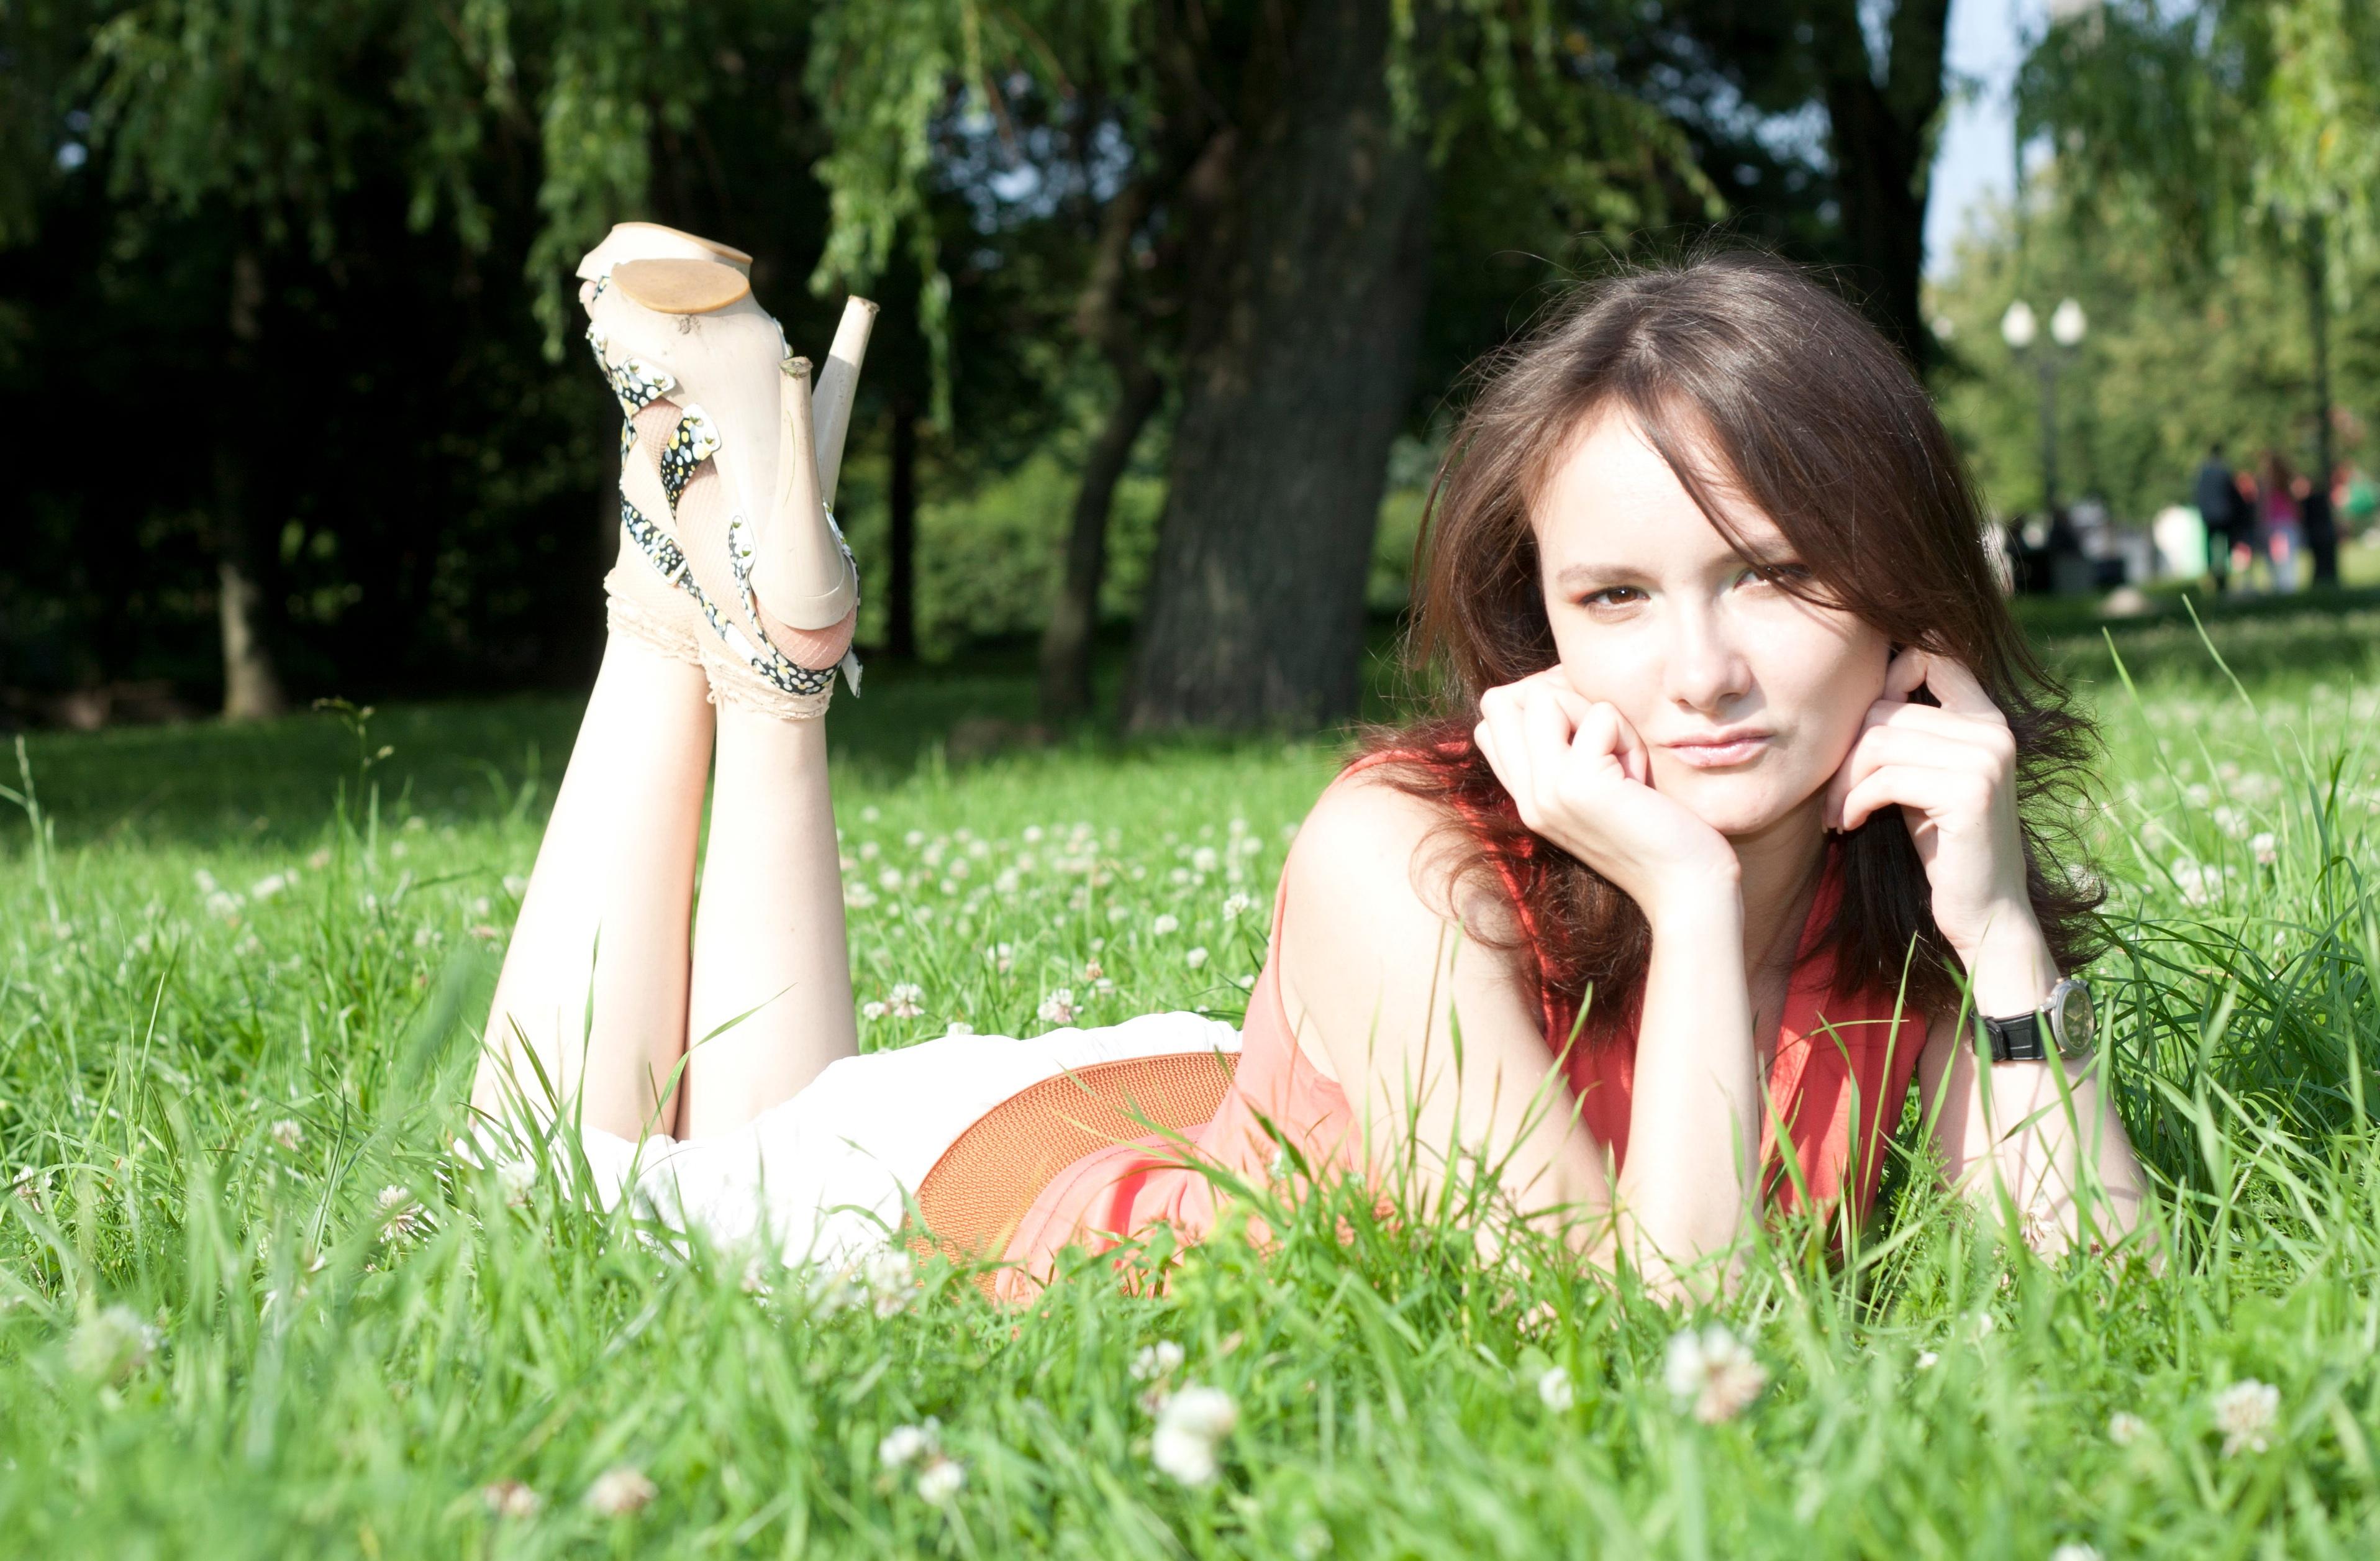 587700a70 césped persona mujer césped fotografía prado flor romance novia ceremonia  vestir fotografía bosque Sesión de fotos